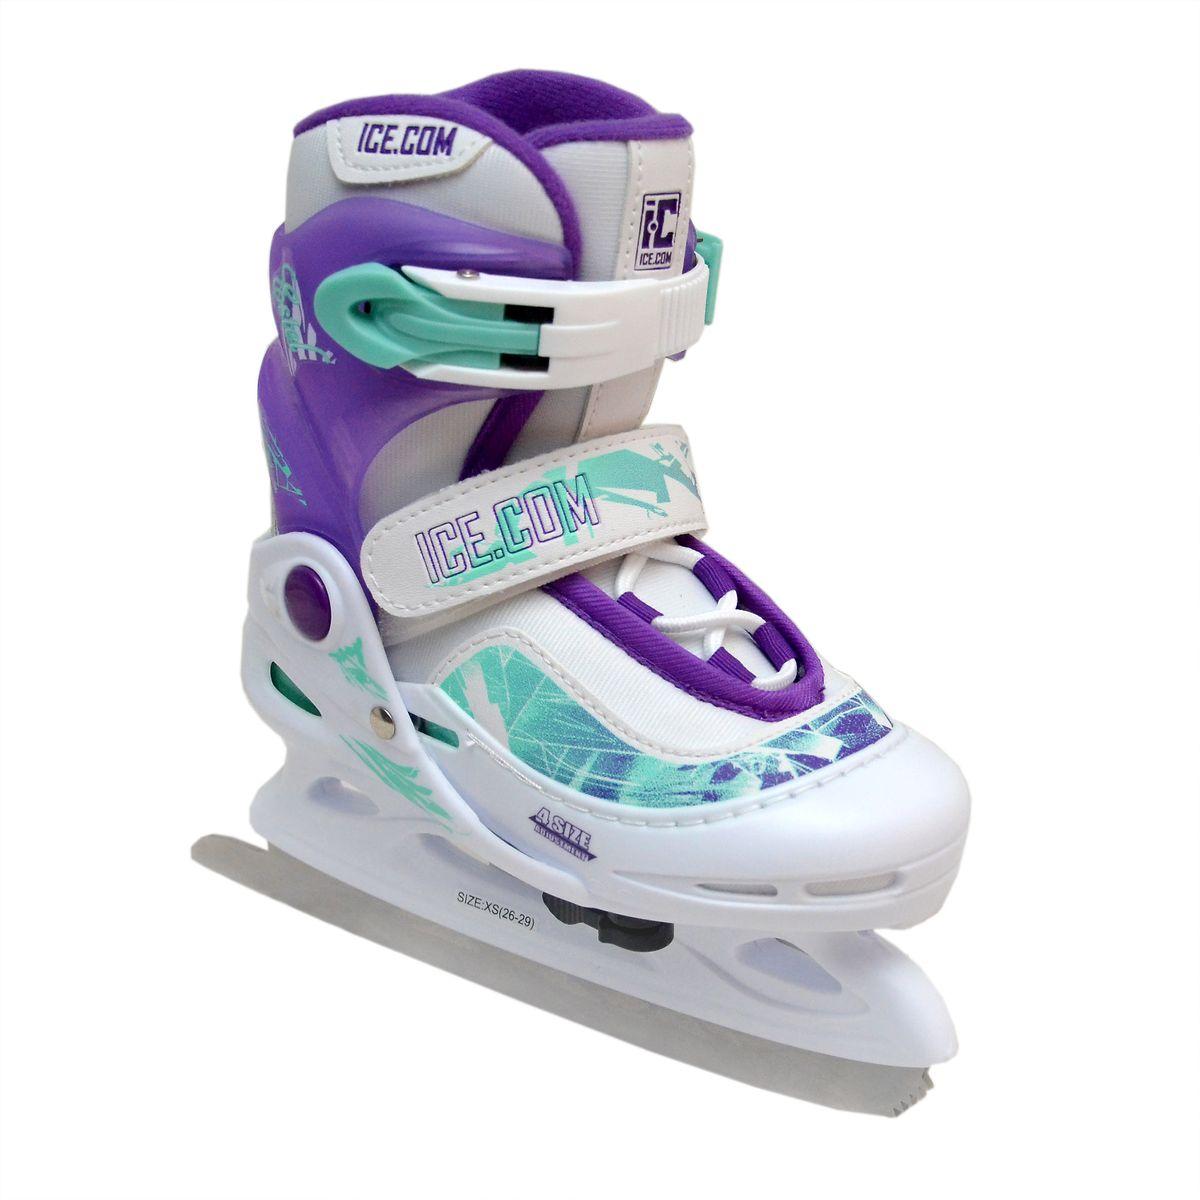 ICE.COM Коньки ледовые для девочки Ice. Com Estel, раздвижные, цвет: белый, фиолетовый, бирюзовый. Размер 30/33